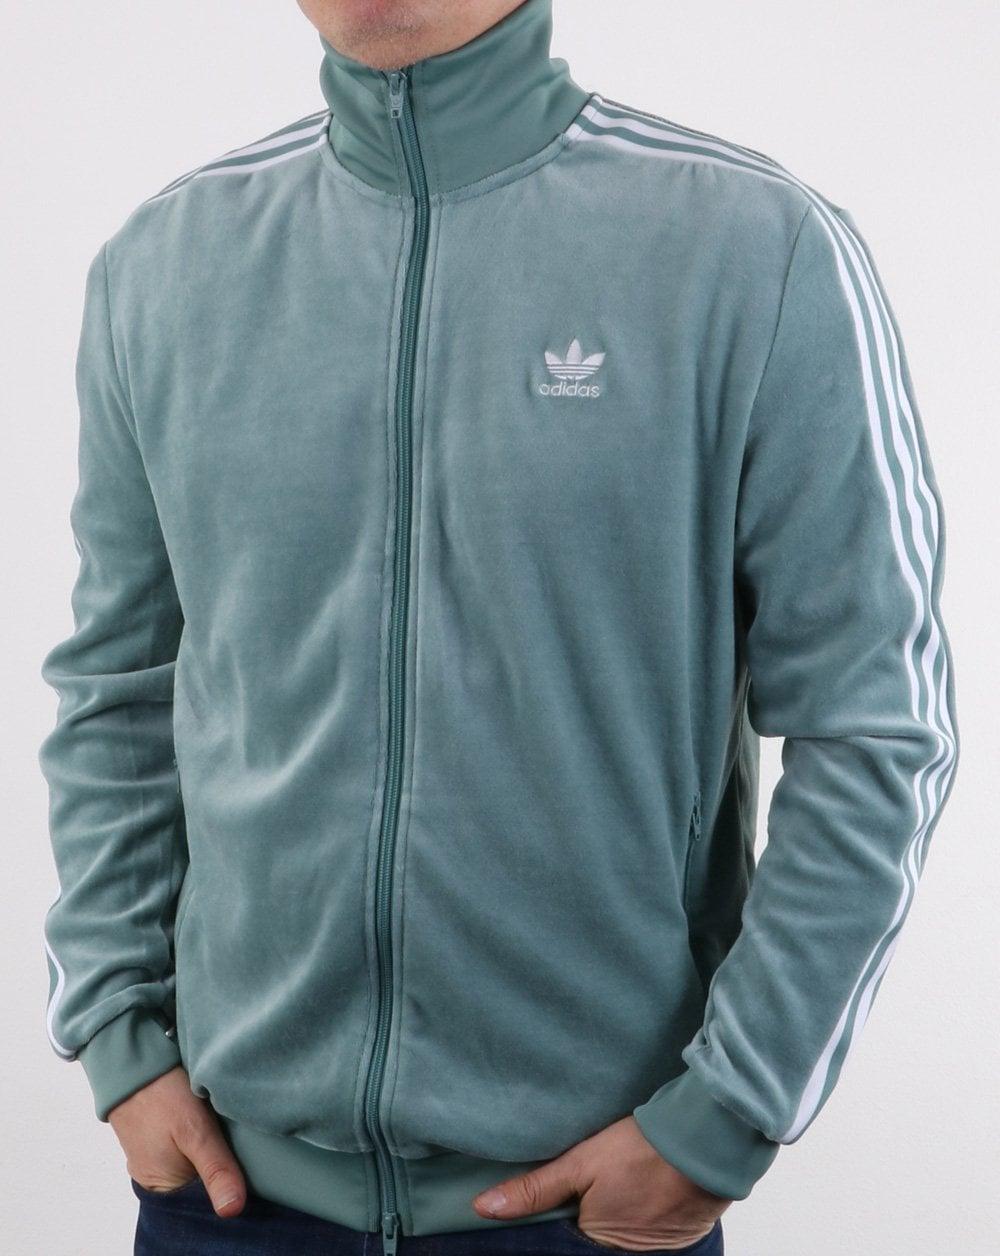 139feab1bb60 adidas Originals Adidas Originals Velour Track Top Vapour Steel